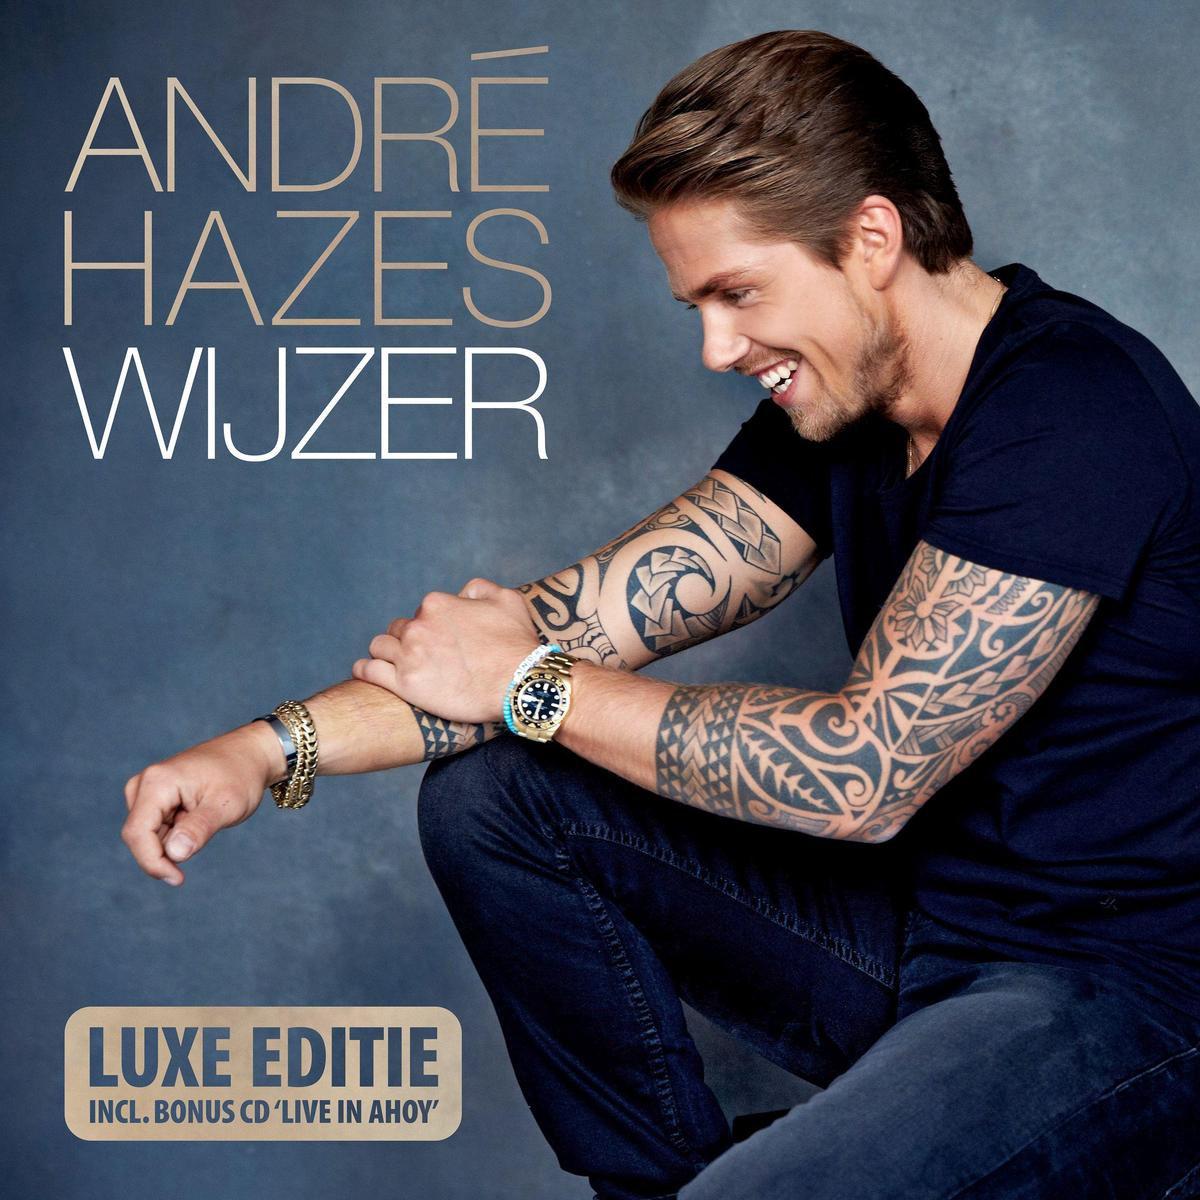 Wijzer (Deluxe Edition) - André Hazes Jr.